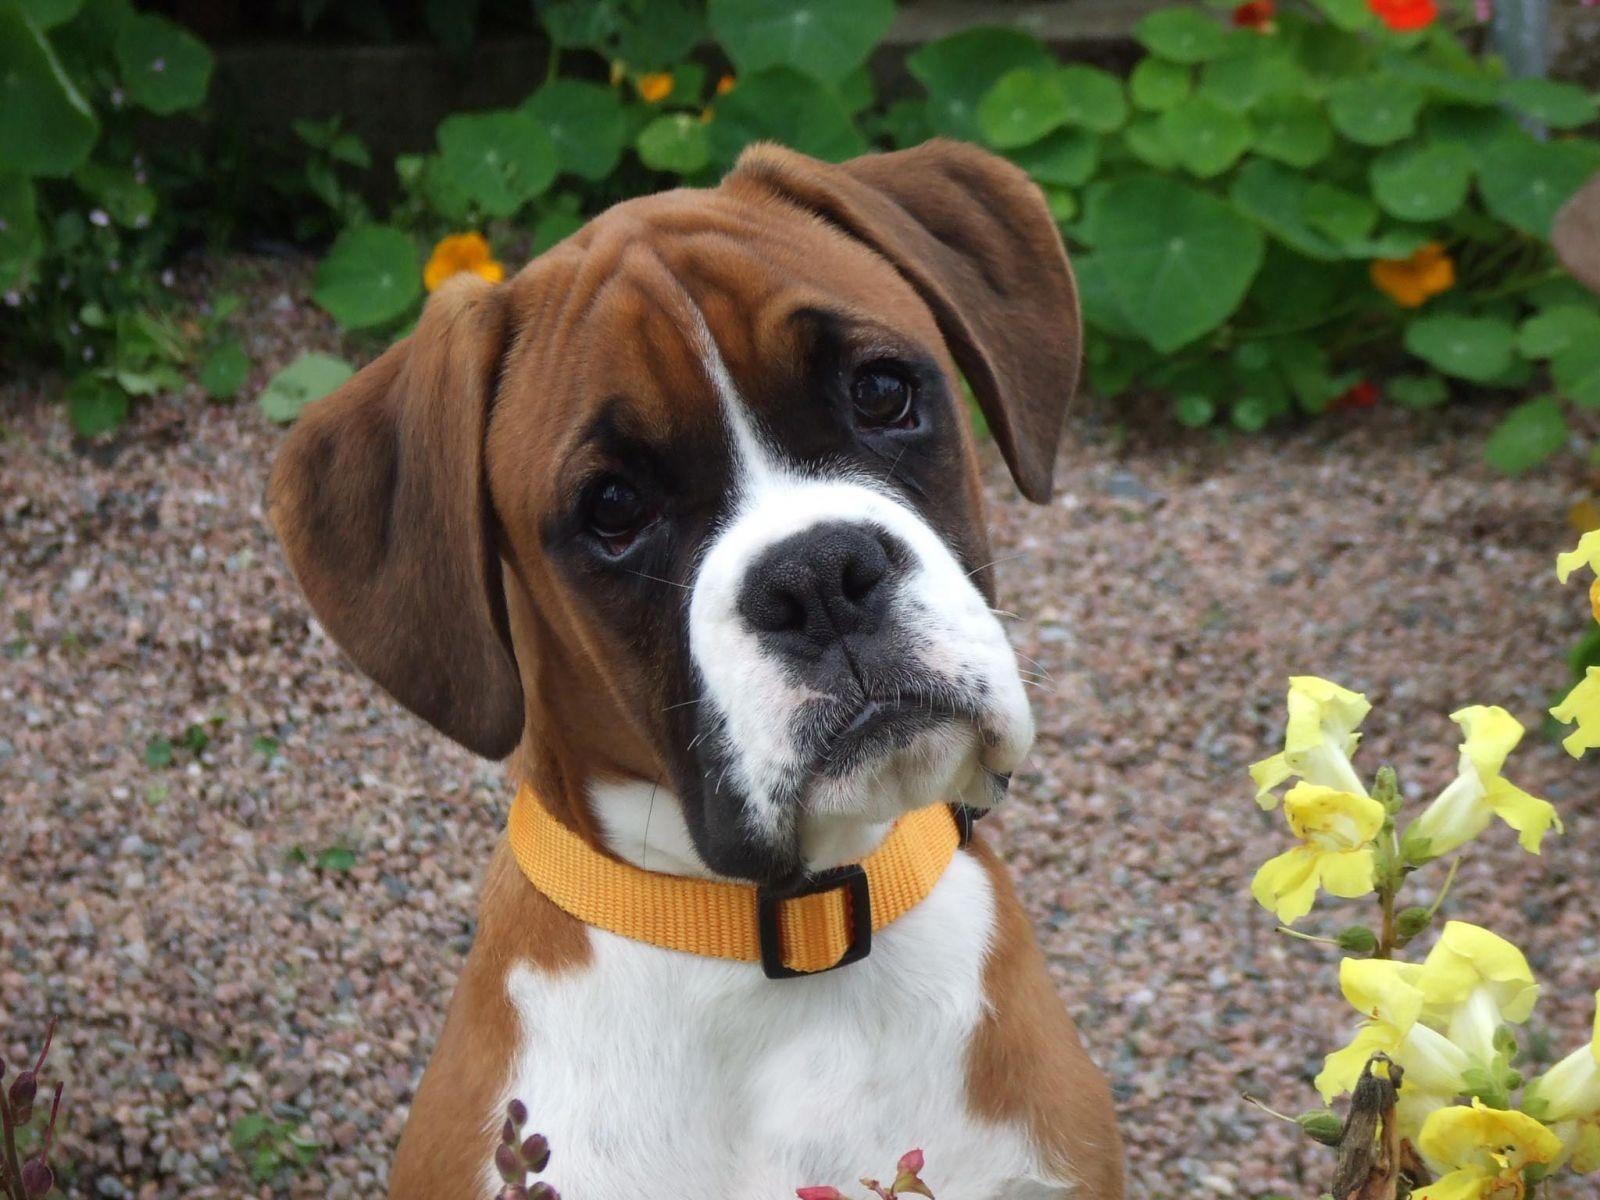 Семья из Англии клонировала умершего пса за67 тыс. фунтов